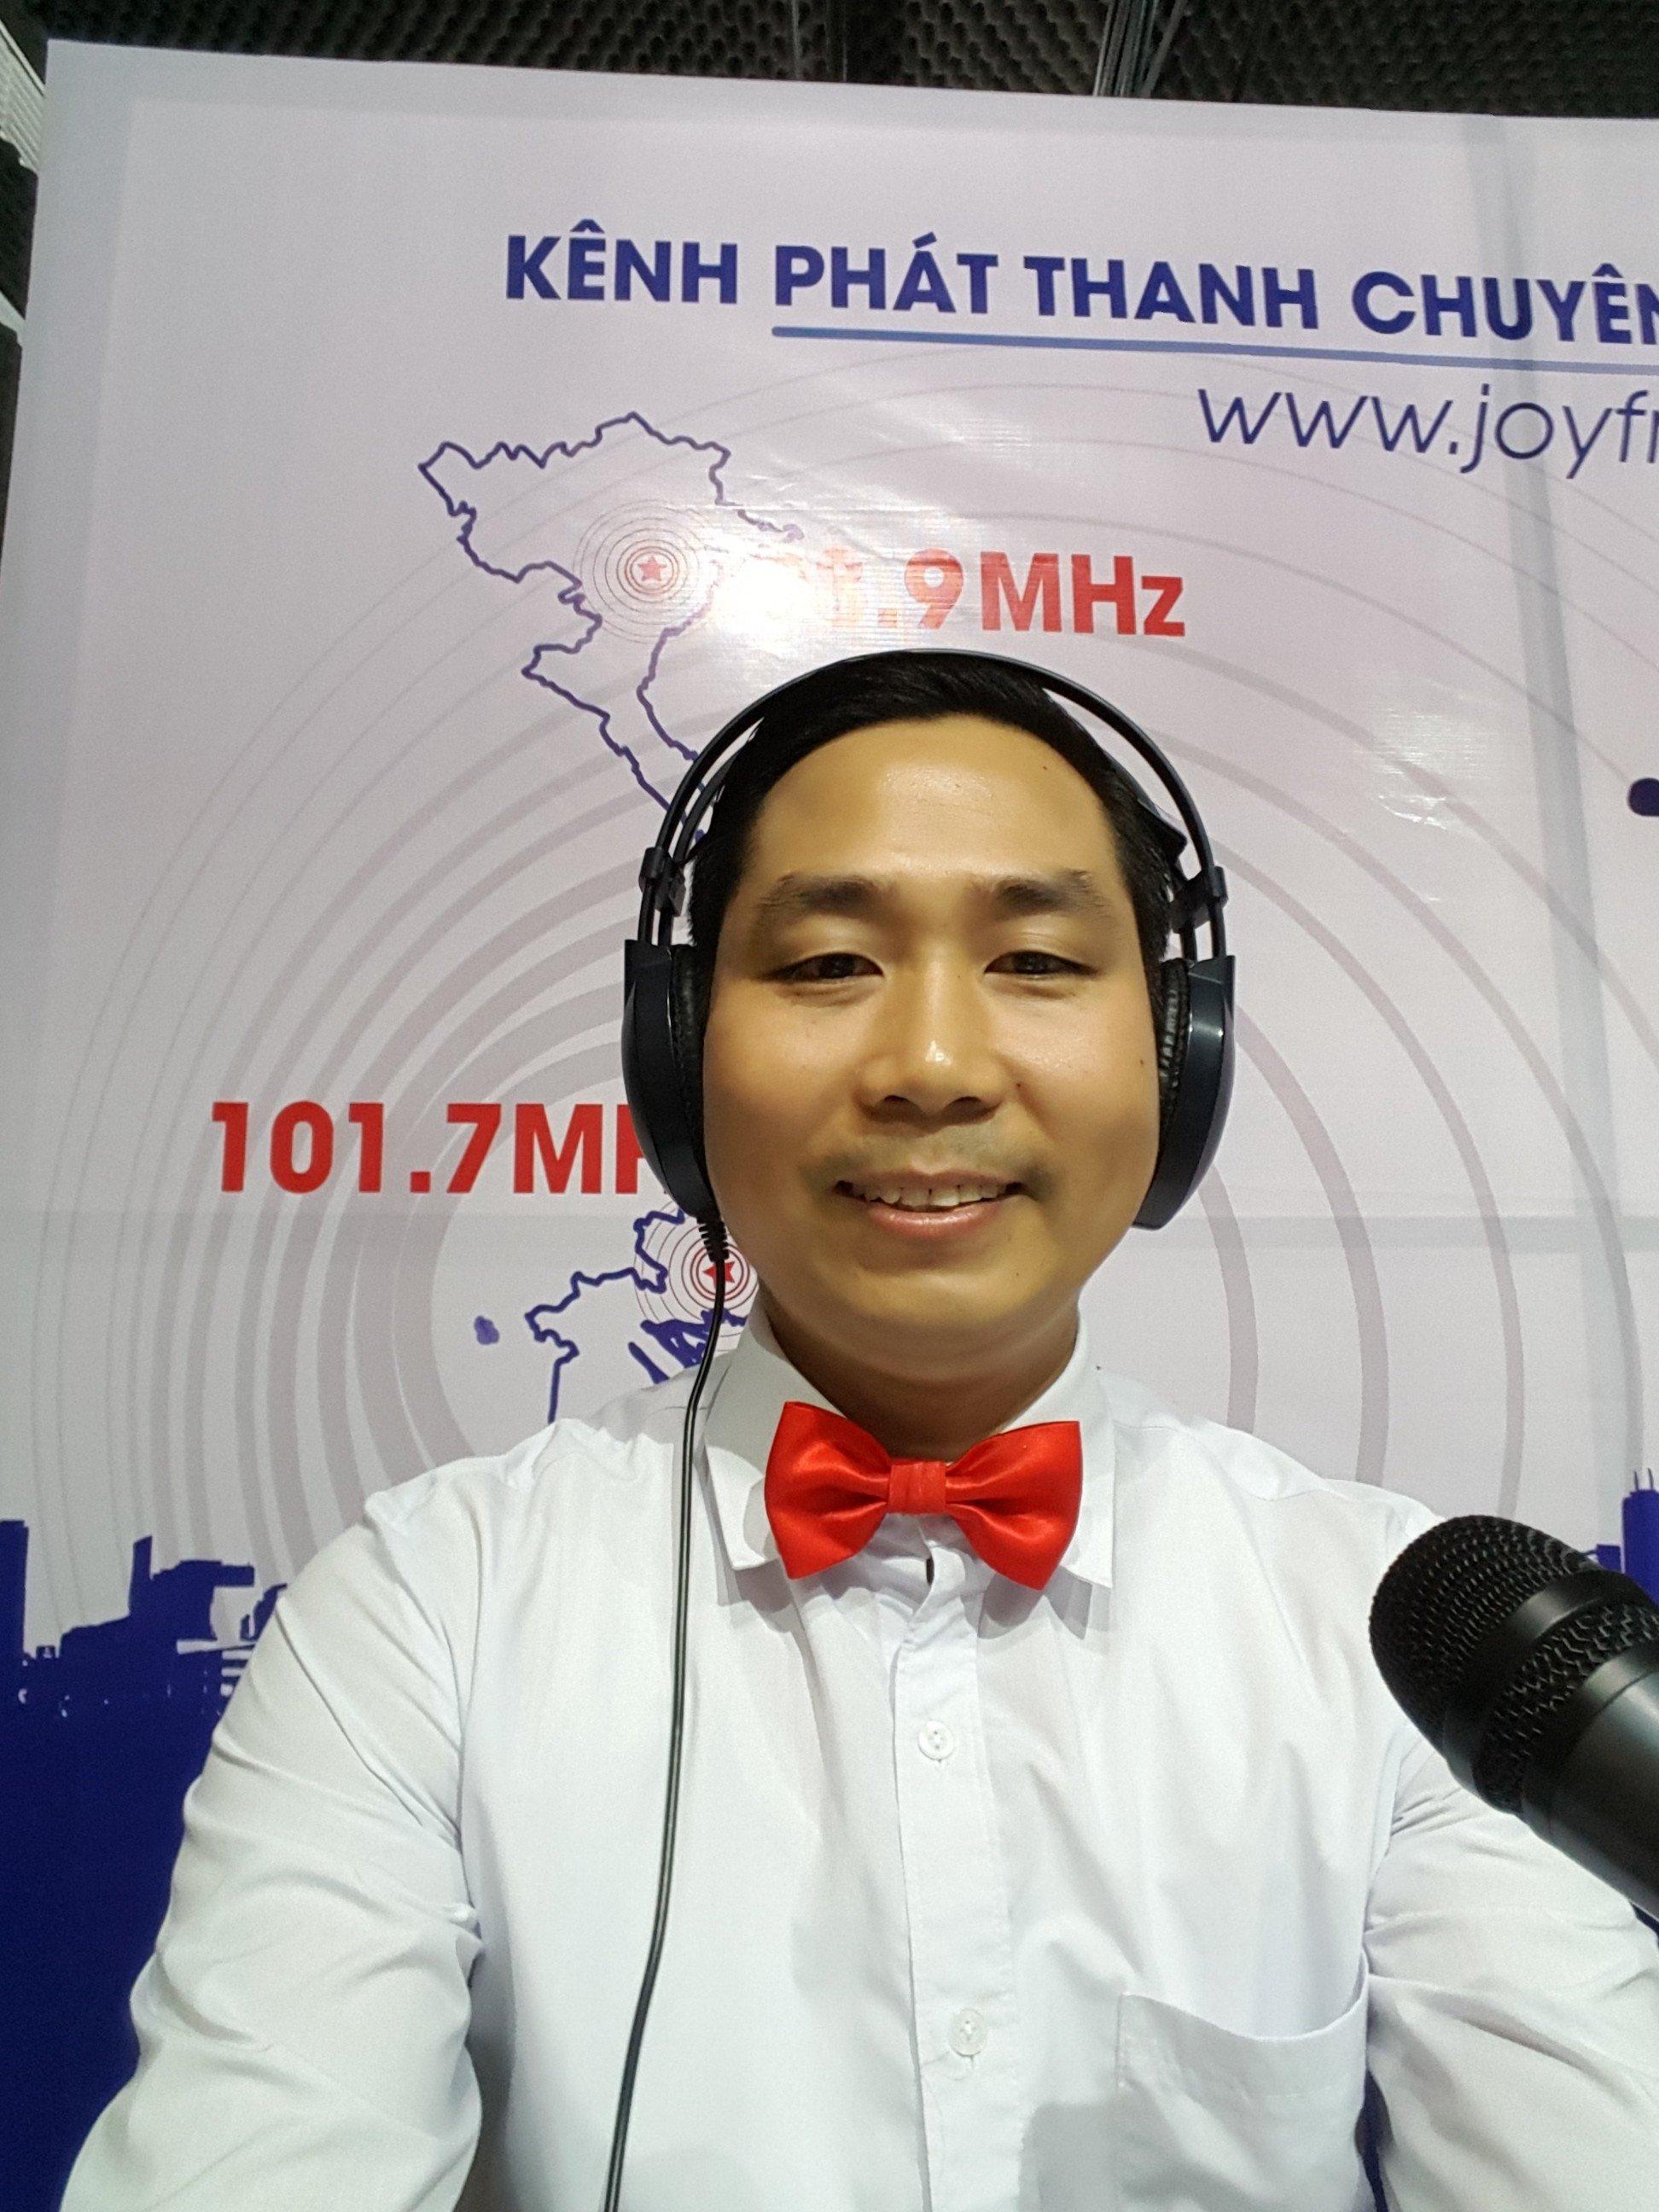 Chuyên gia Nguyễn Bá Toàn chia sẻ trên đài FM